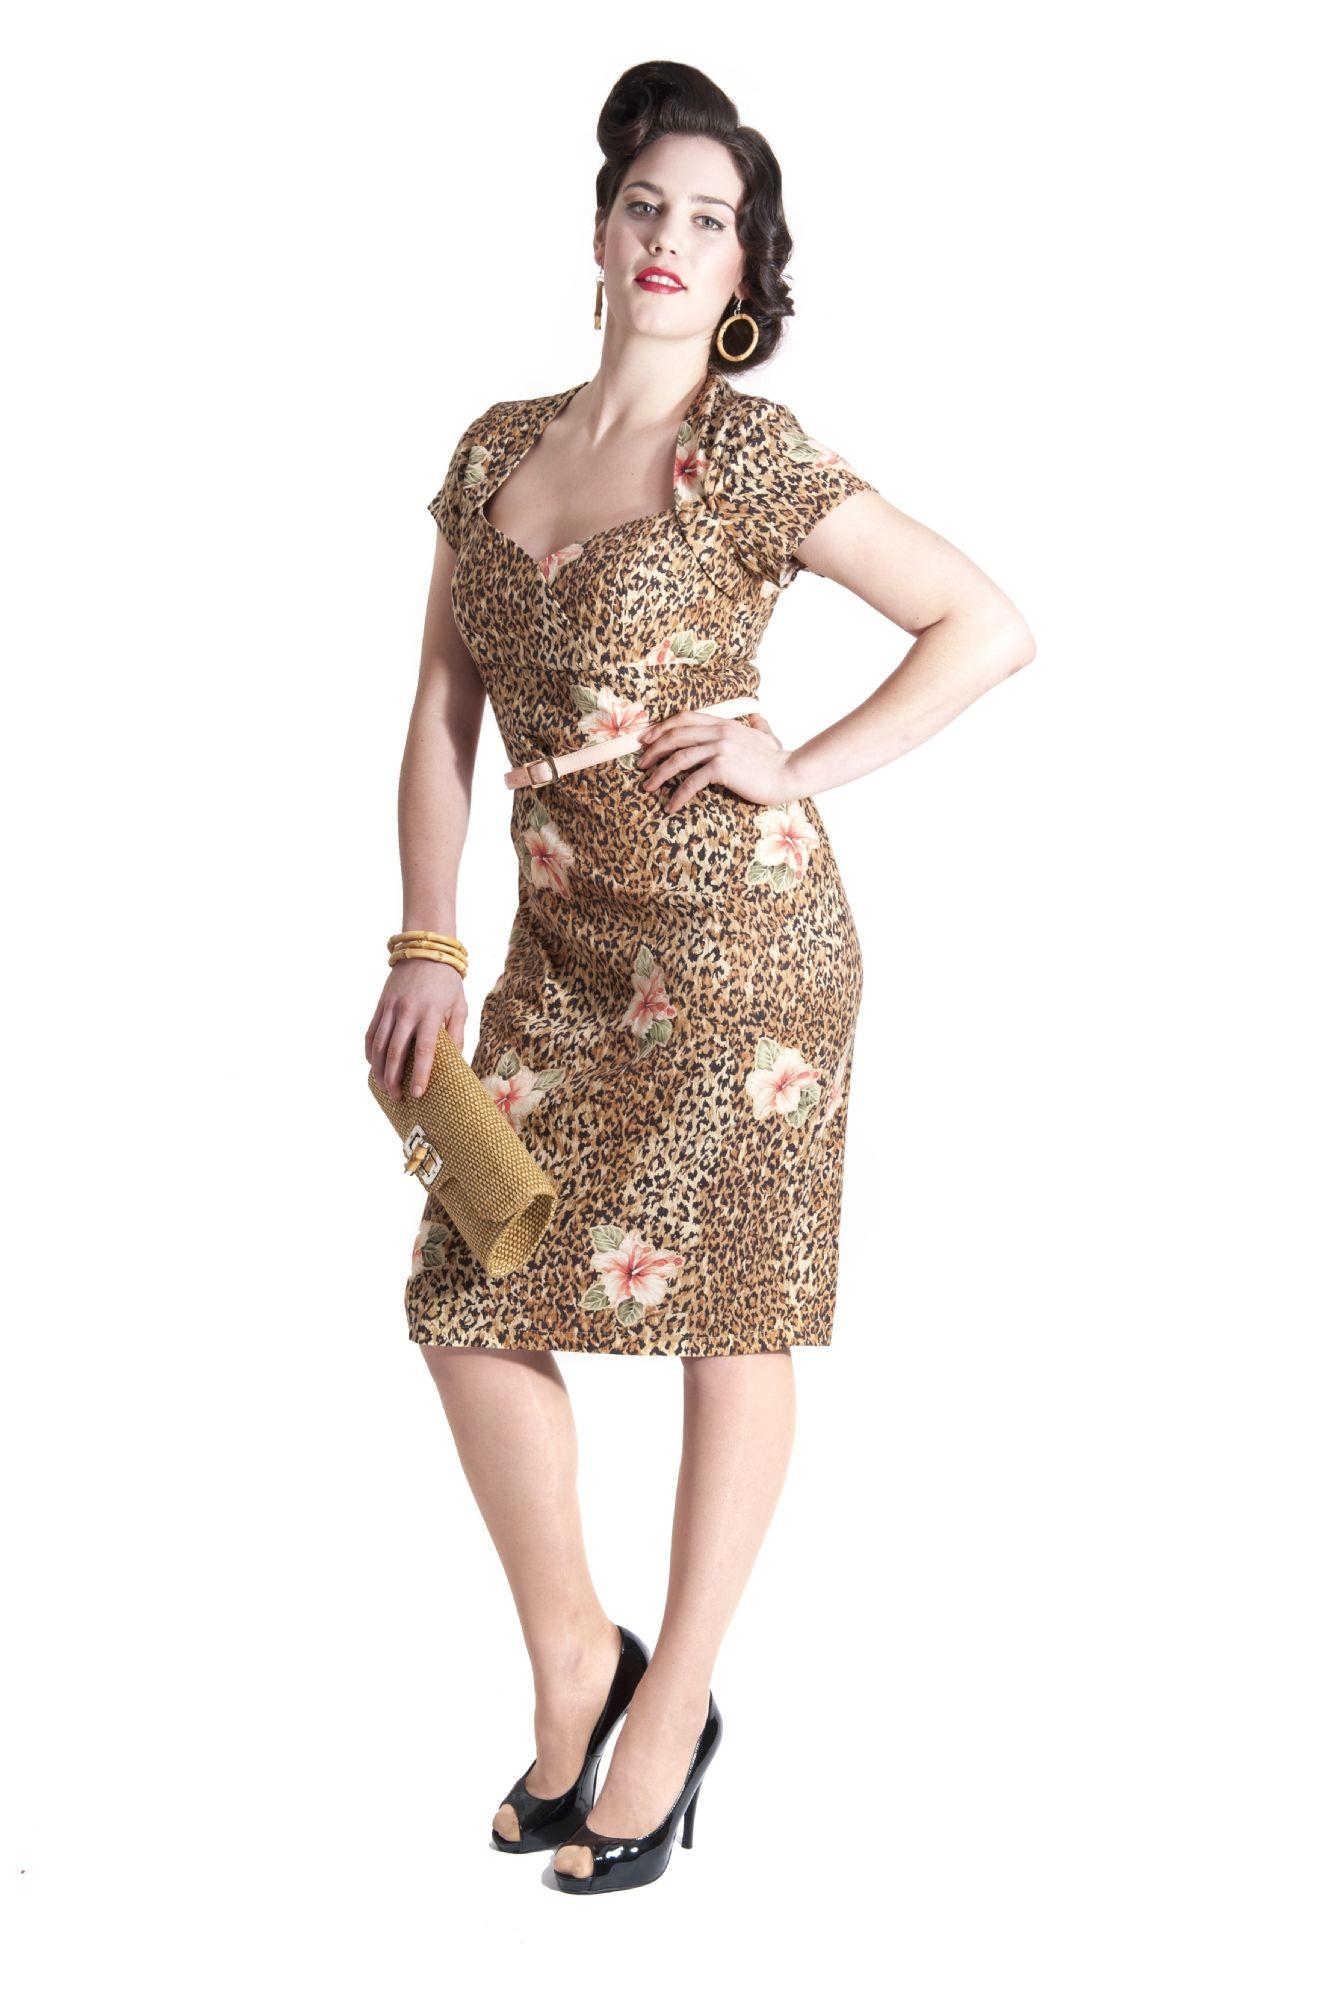 Collectif Leopard Tiki Print Dress size 2X - $85 | My BST Board ...